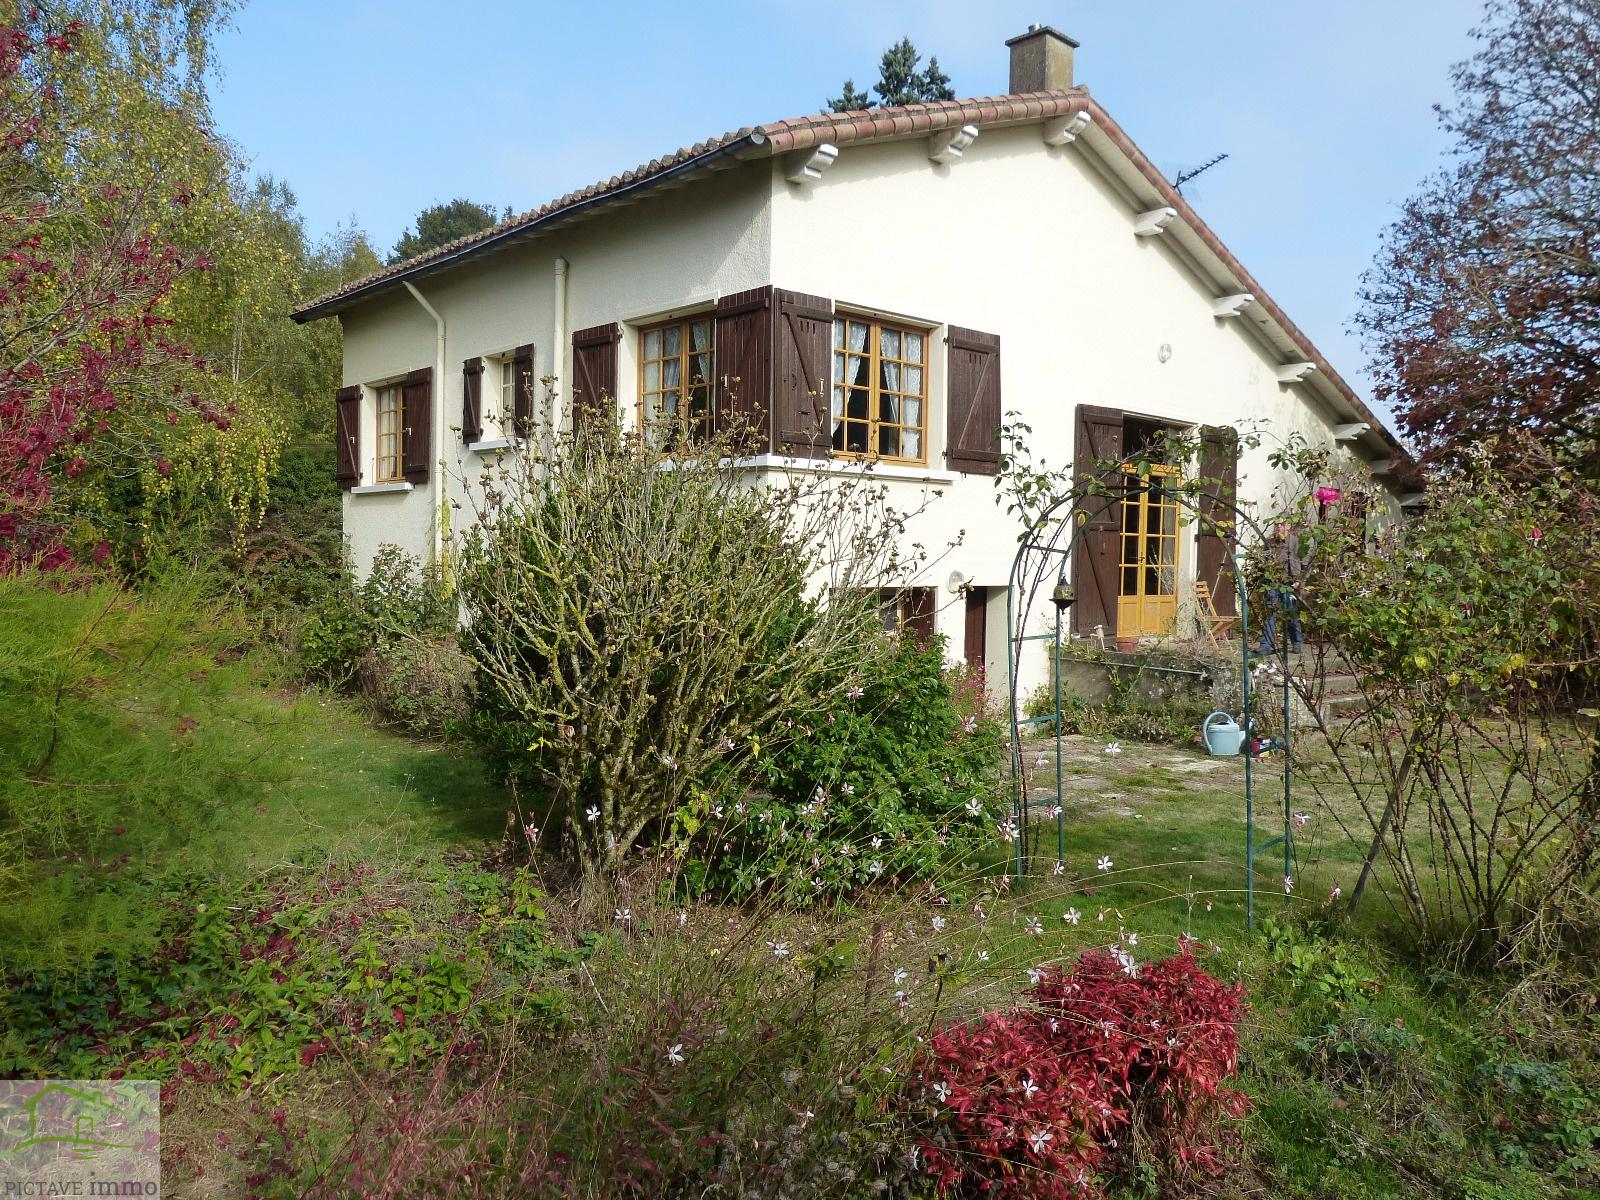 Vente maison de bourg avec terrain arbor for Maison atypique 94